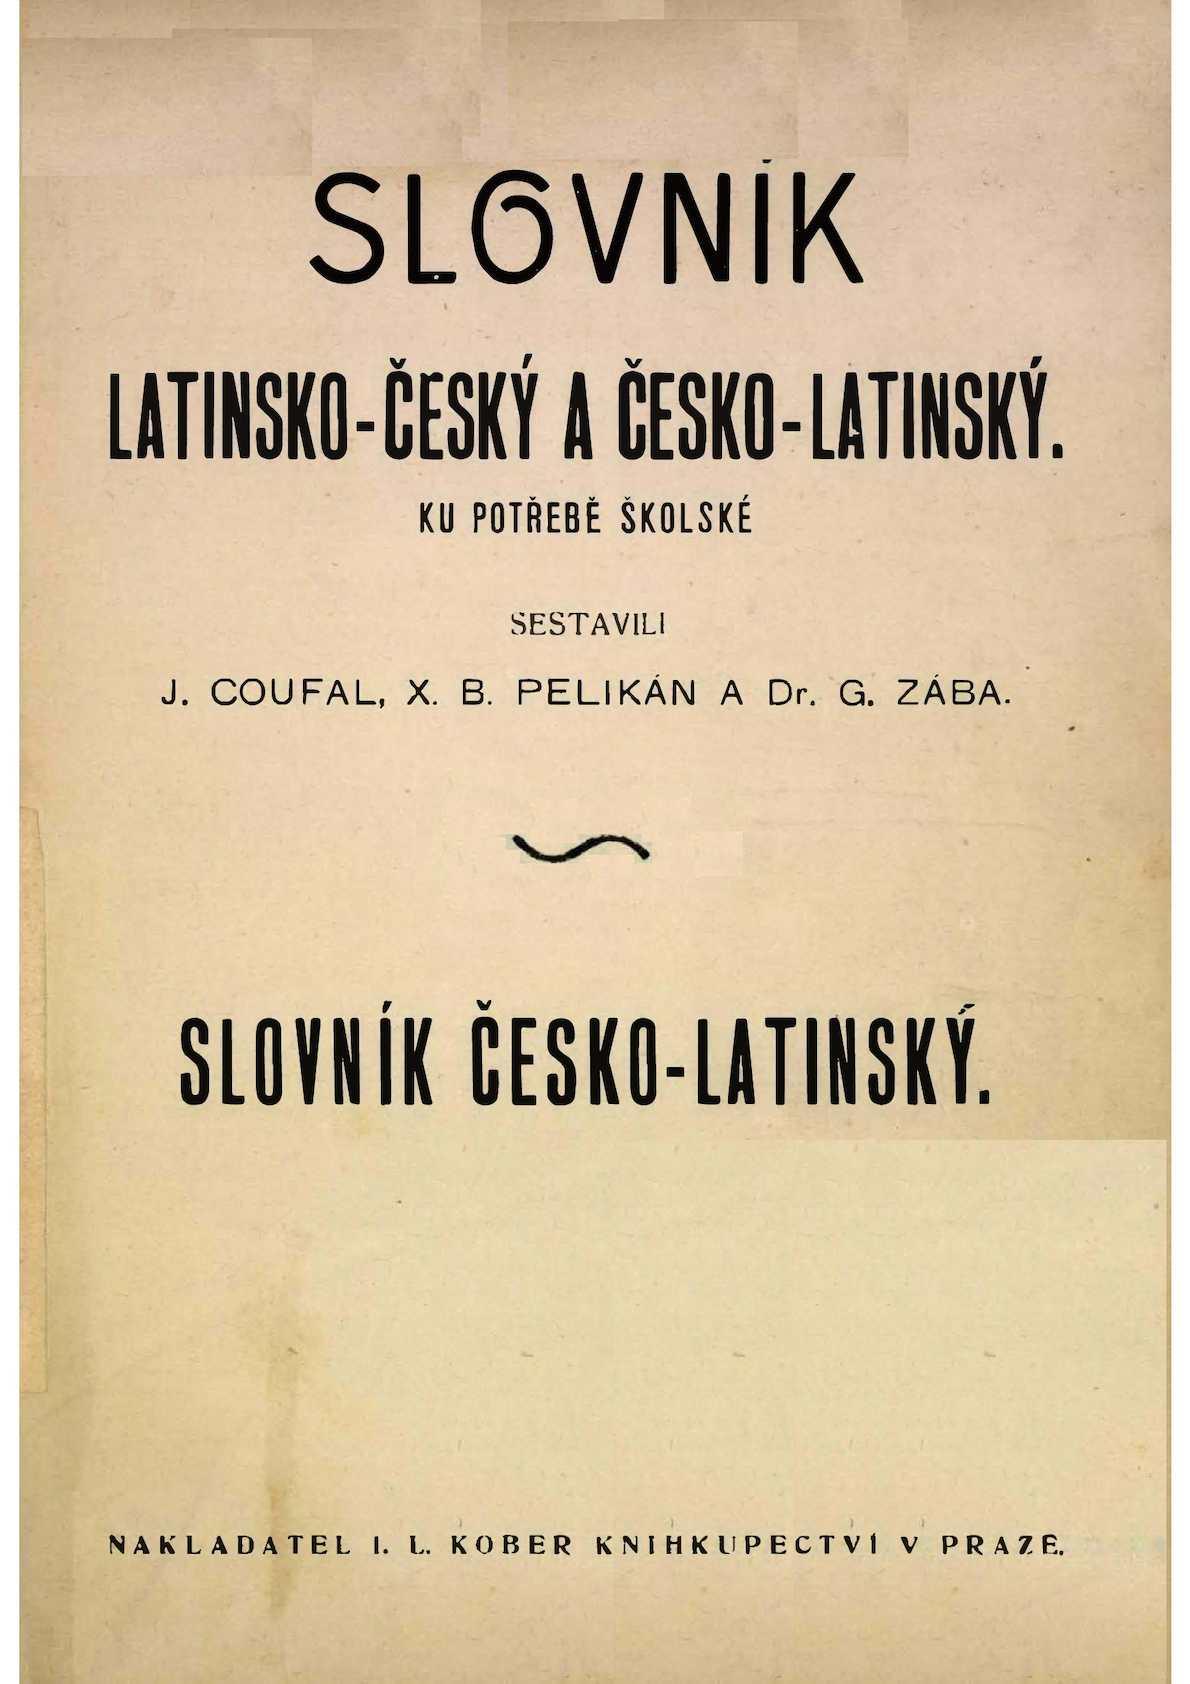 Slovník latinsko-český a česko-latinský ku potřebě školské. Slovník česko-latinský  Coufal Jan, Pelikán Xaver Bedřich, Zába Gustav, 1906